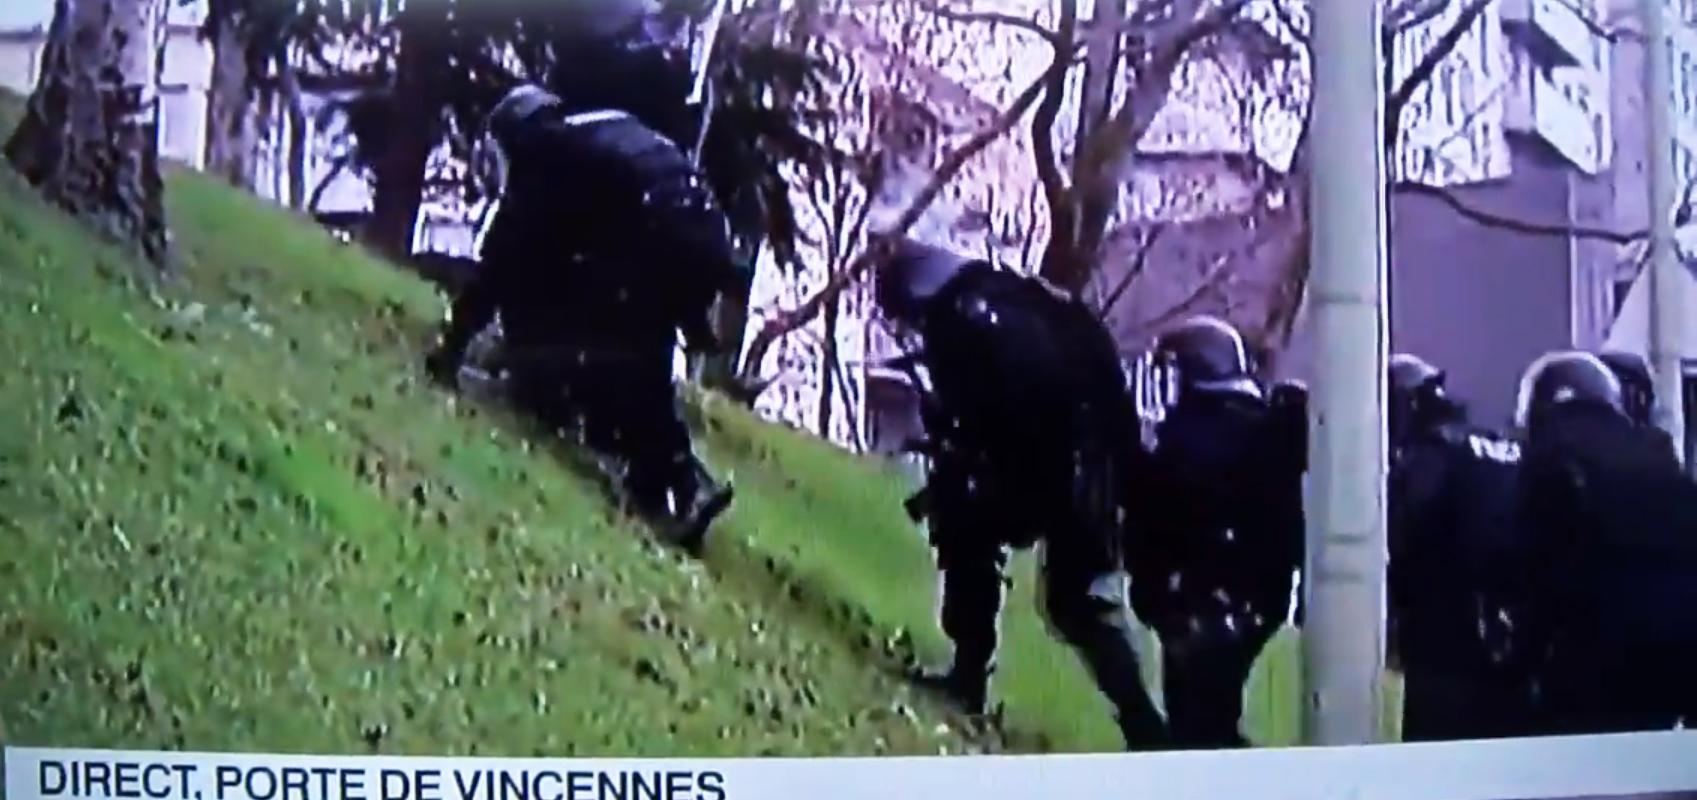 Imagini virale cu interventia politistilor francezi. Un spatiu verde i-a impedicat sa ajunga la locul luarii de ostatici